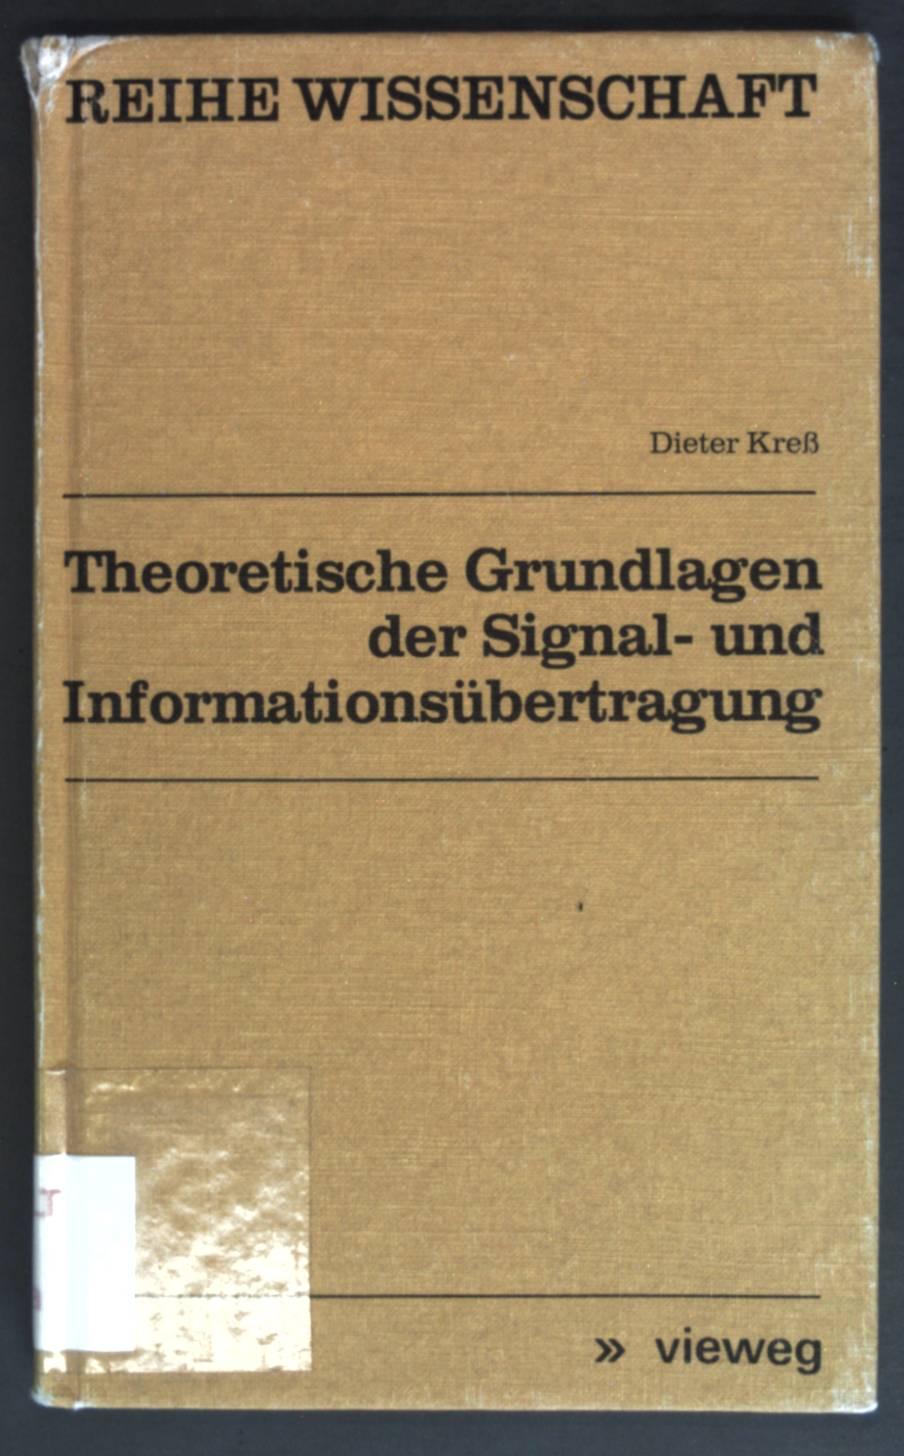 Theoretische Grundlagen der Signal- und Informationsübertragung. Reihe: Kreß, Dieter: